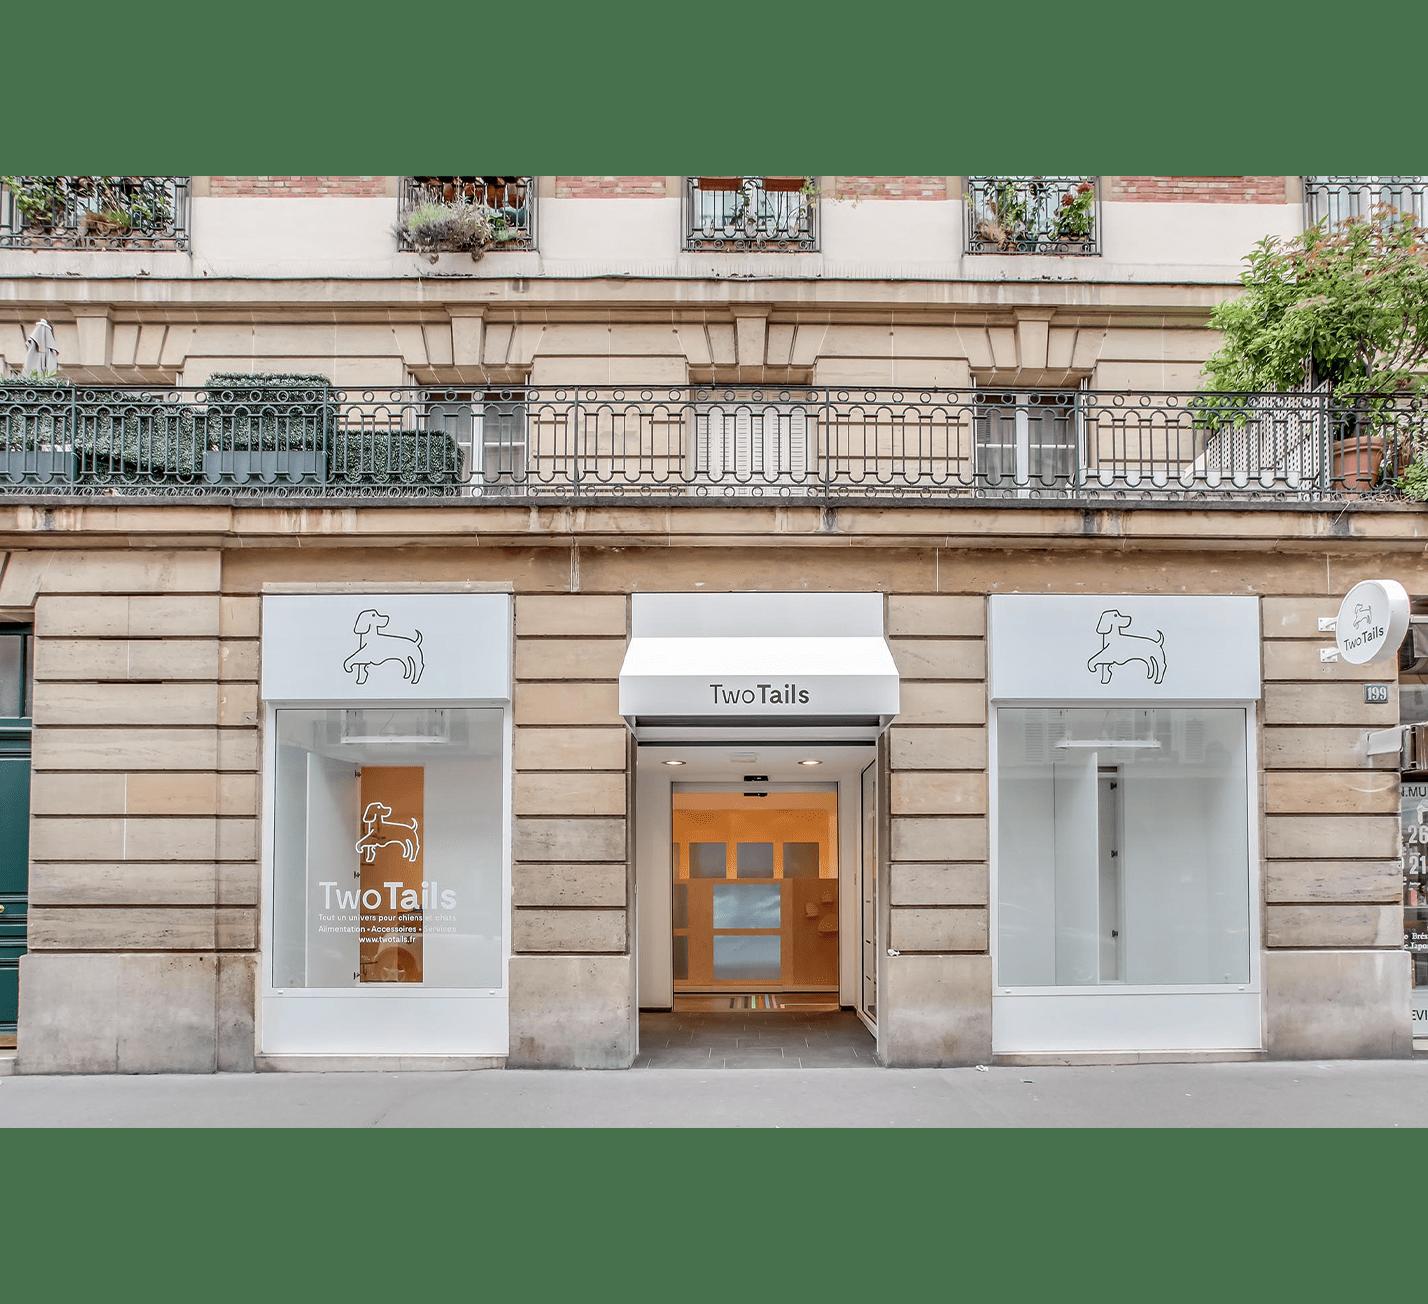 Projet-Two-Tails-Atelier-Steve-Pauline-Borgia-Architecture-interieur-04-min